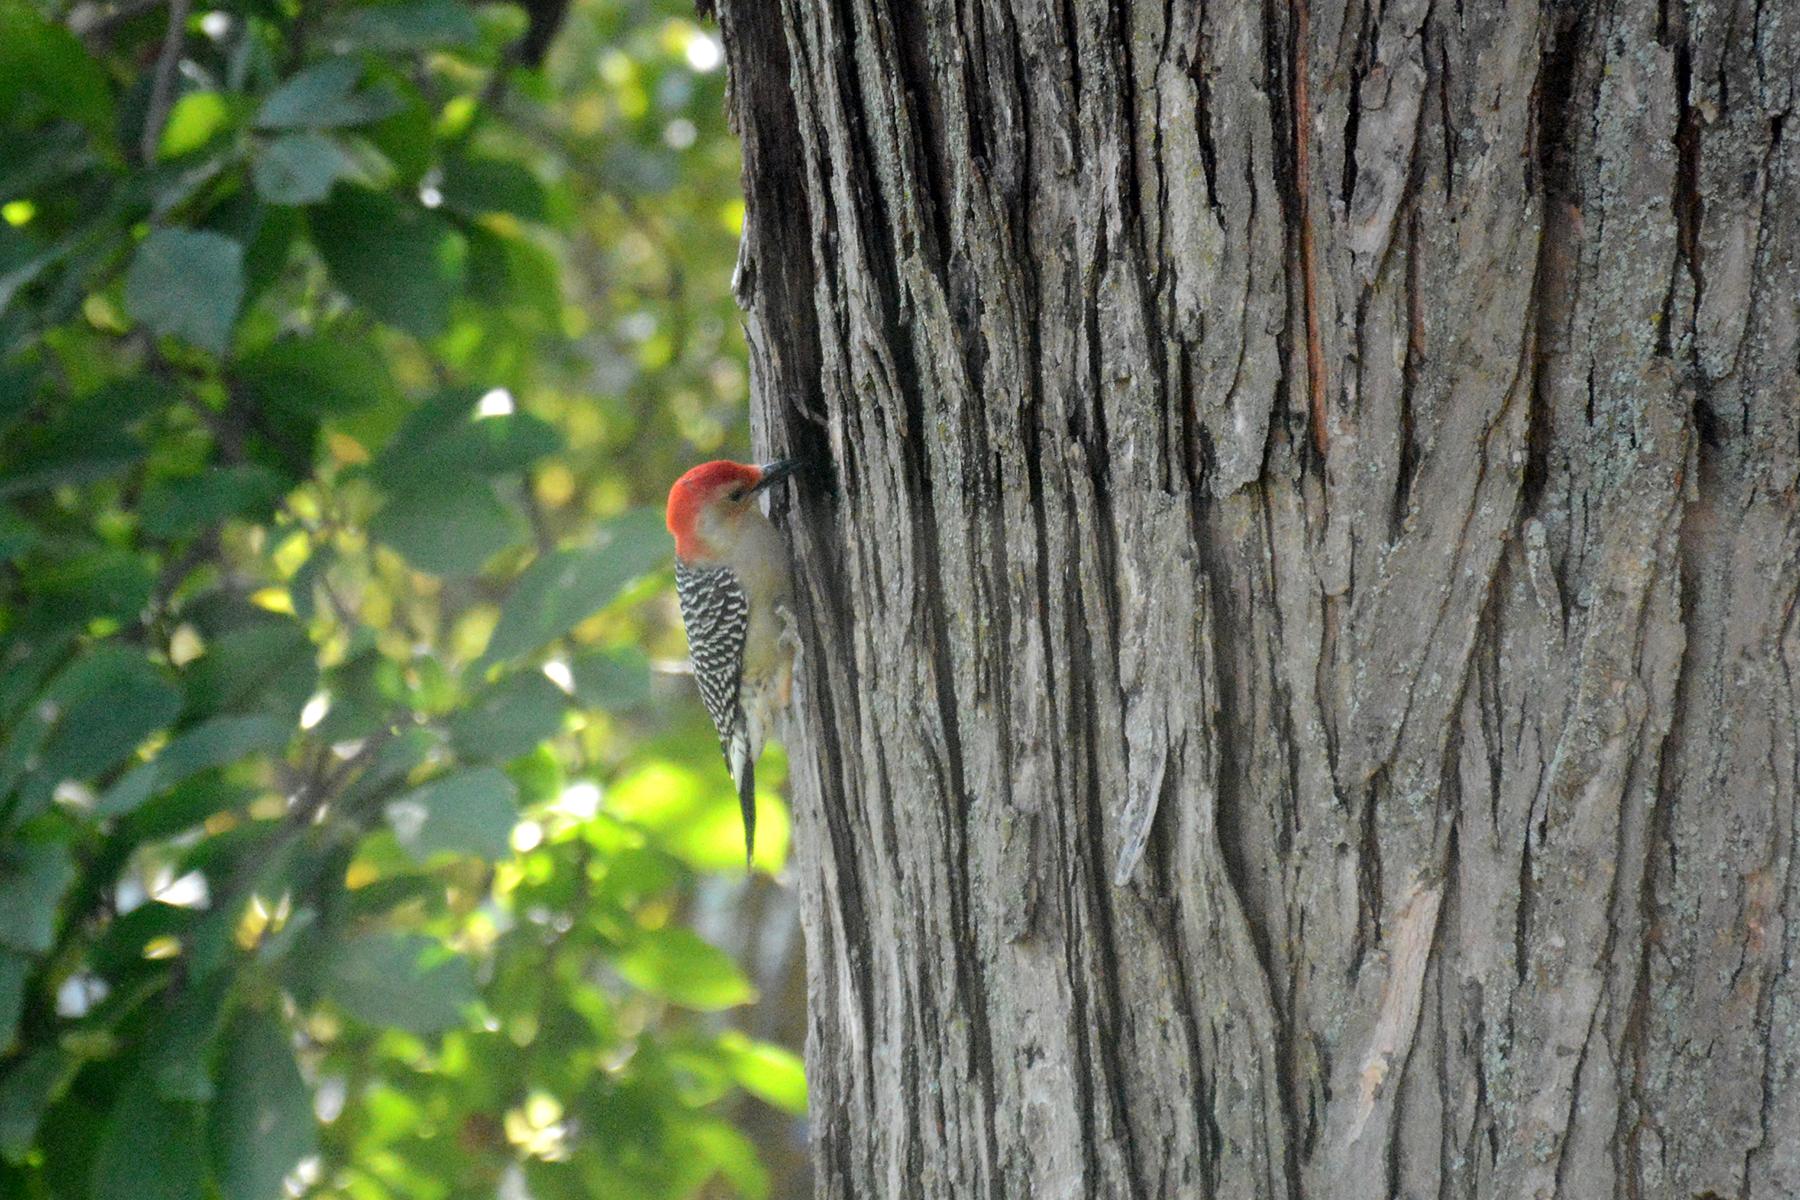 2016-10-10-backyard-redbelliedwoodpecker